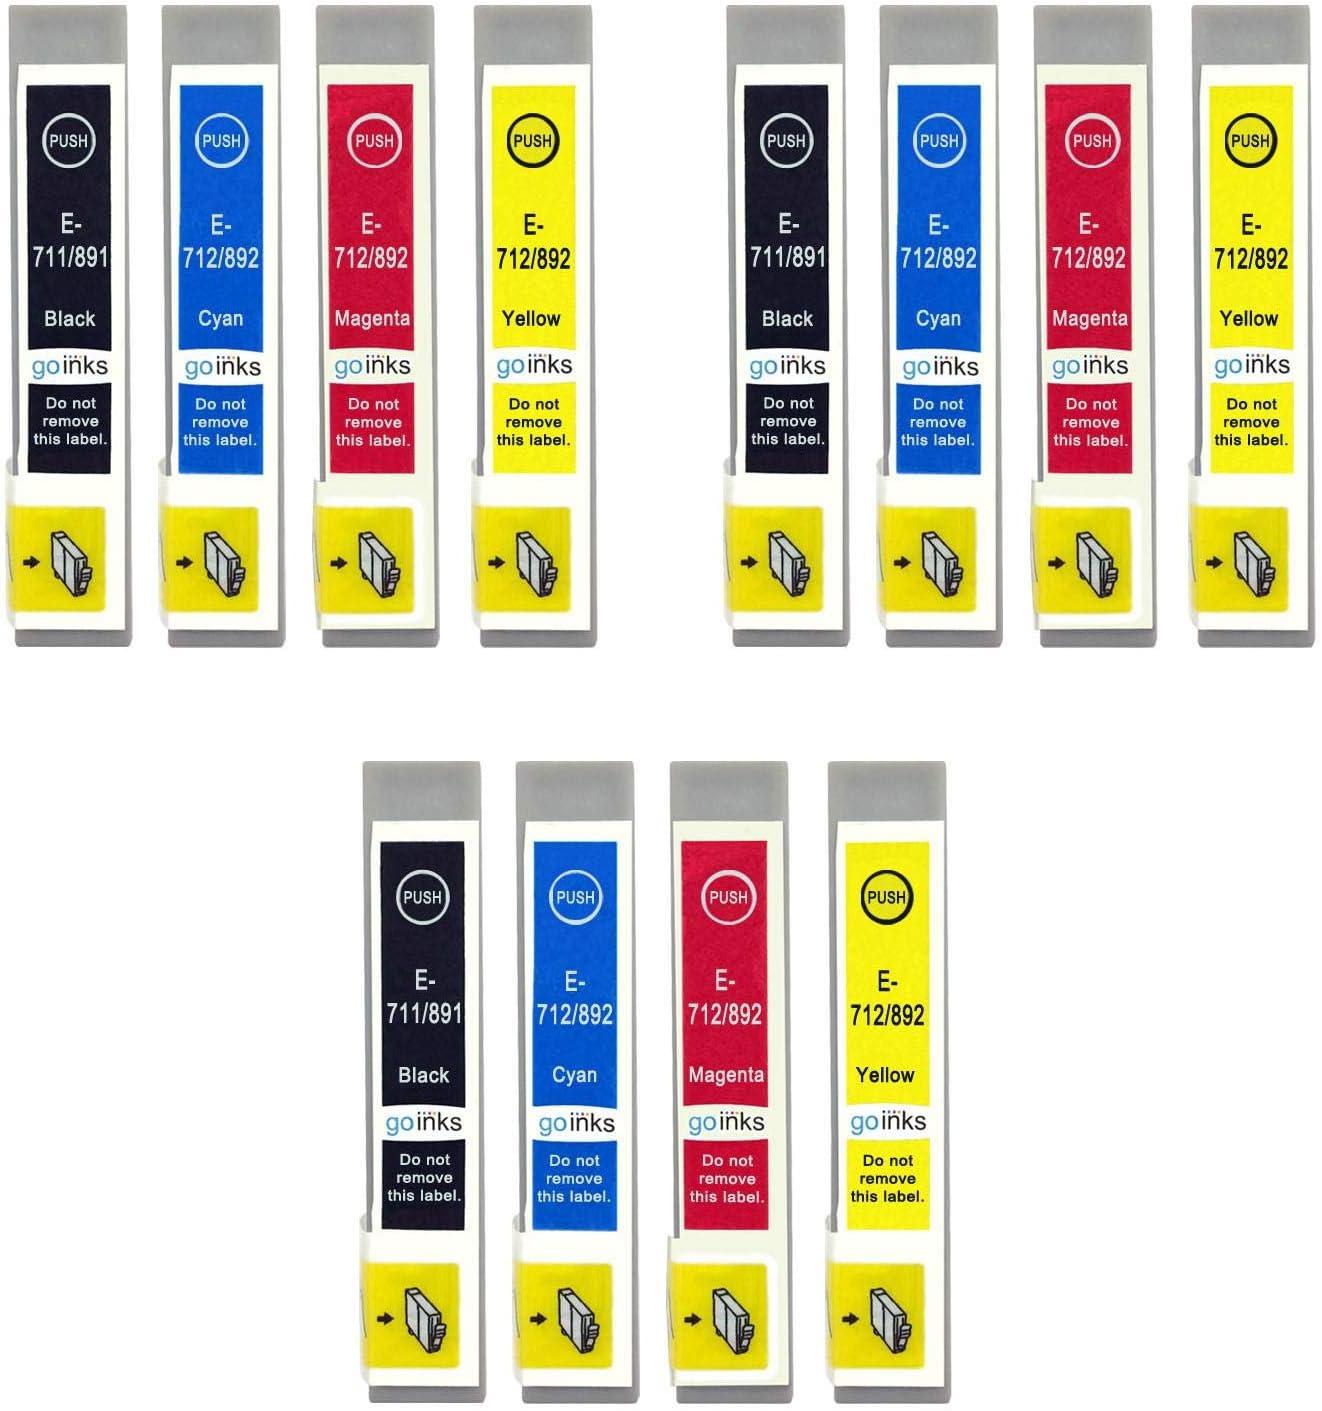 Go Inks E 715 Kompatibler Satz Mit 4 Tintenpatronen Als Ersatz Für Epson T0711 T0712 T0713 T0714 T0715 Zur Verwendung Mit Epson Stylus Druckern 12 Stück Bürobedarf Schreibwaren